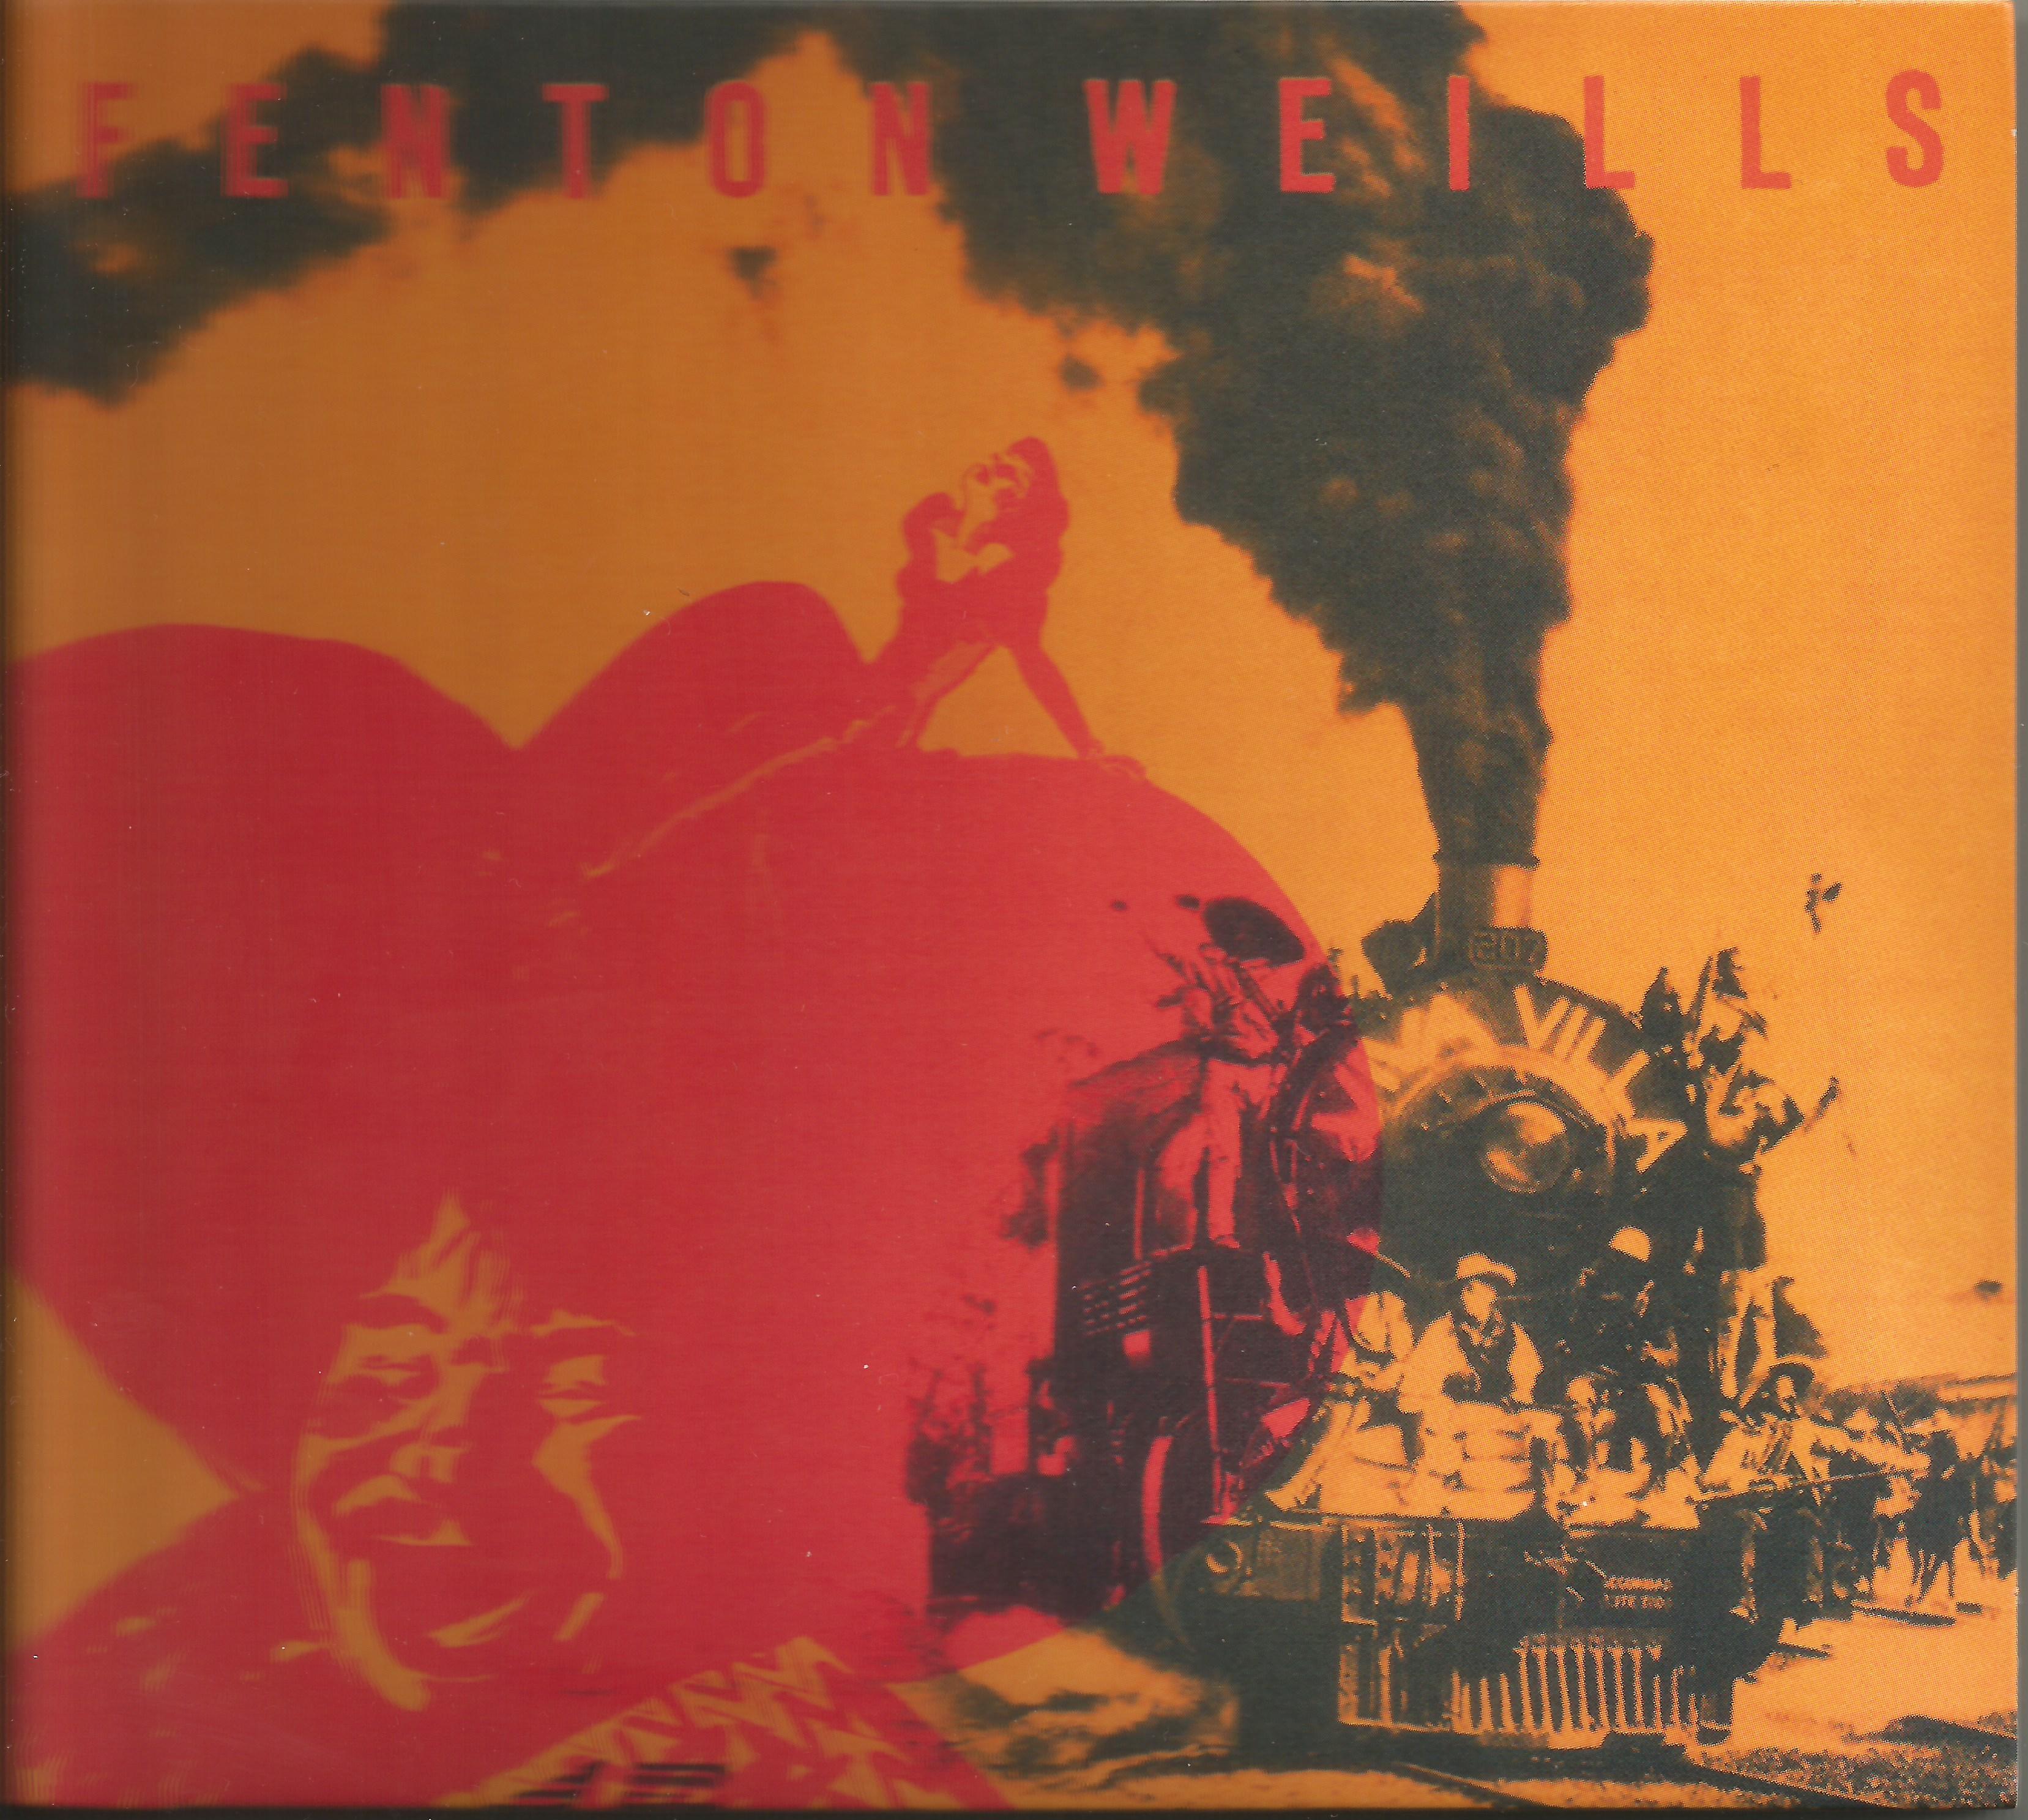 FENTON WEILLS - VIVA VILLA (CD/DD)